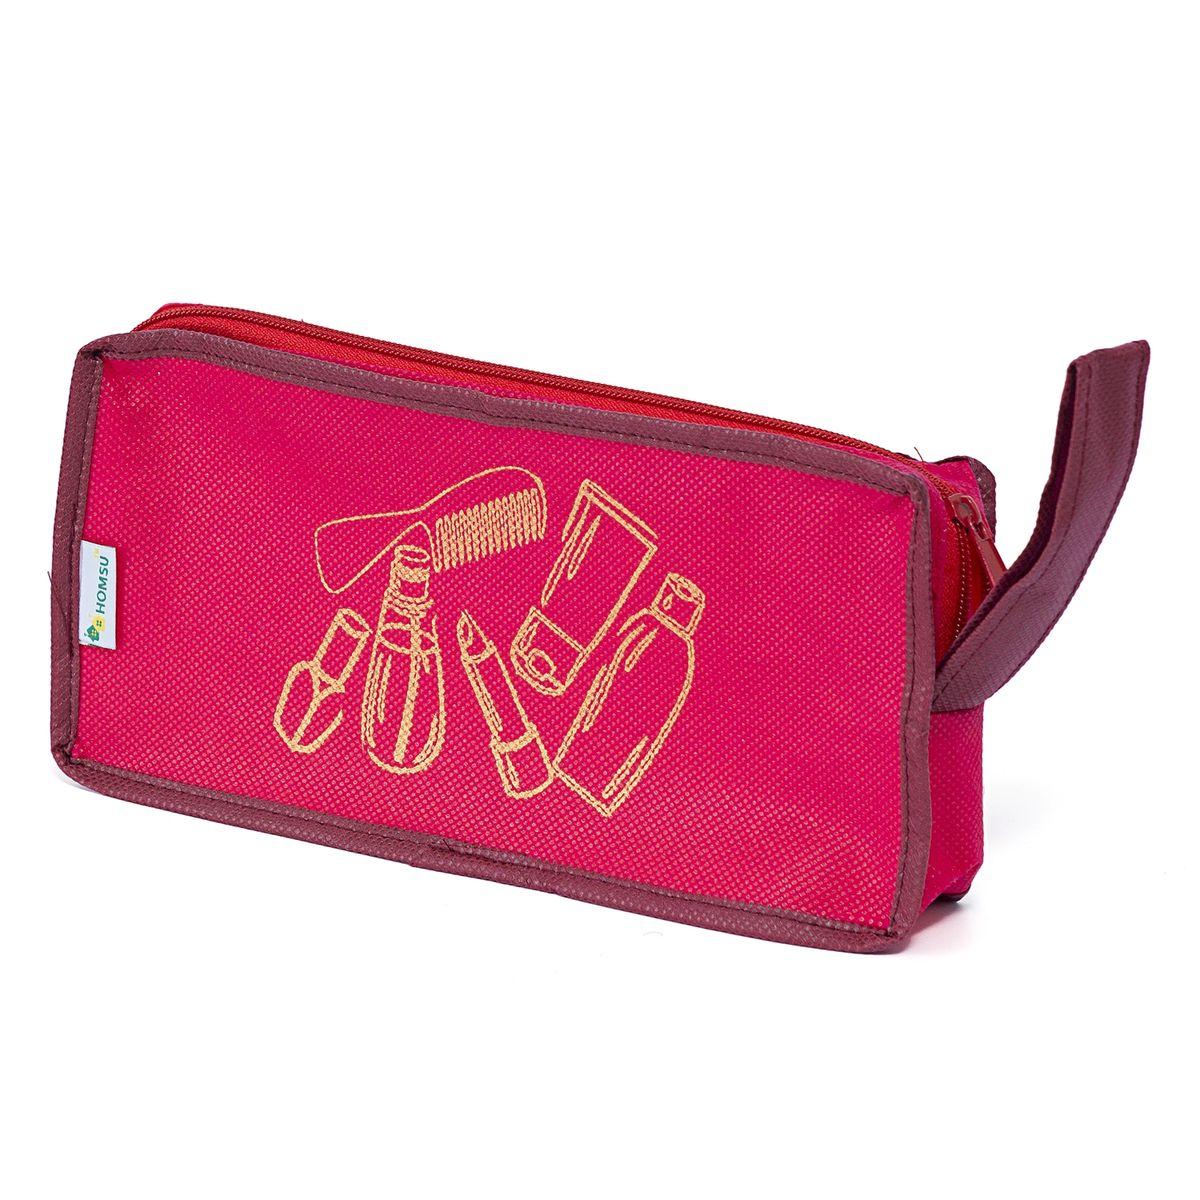 Косметичка Homsu Lady in Red, 25 х 12 х 5 см12723Эта модель косметички не только предоставит много удобства и практичности во время путешествия, но и сможет подчеркнуть своим внешним обликом, индивидуальный стиль своего обладателя. Размер изделия:25x12x5см.